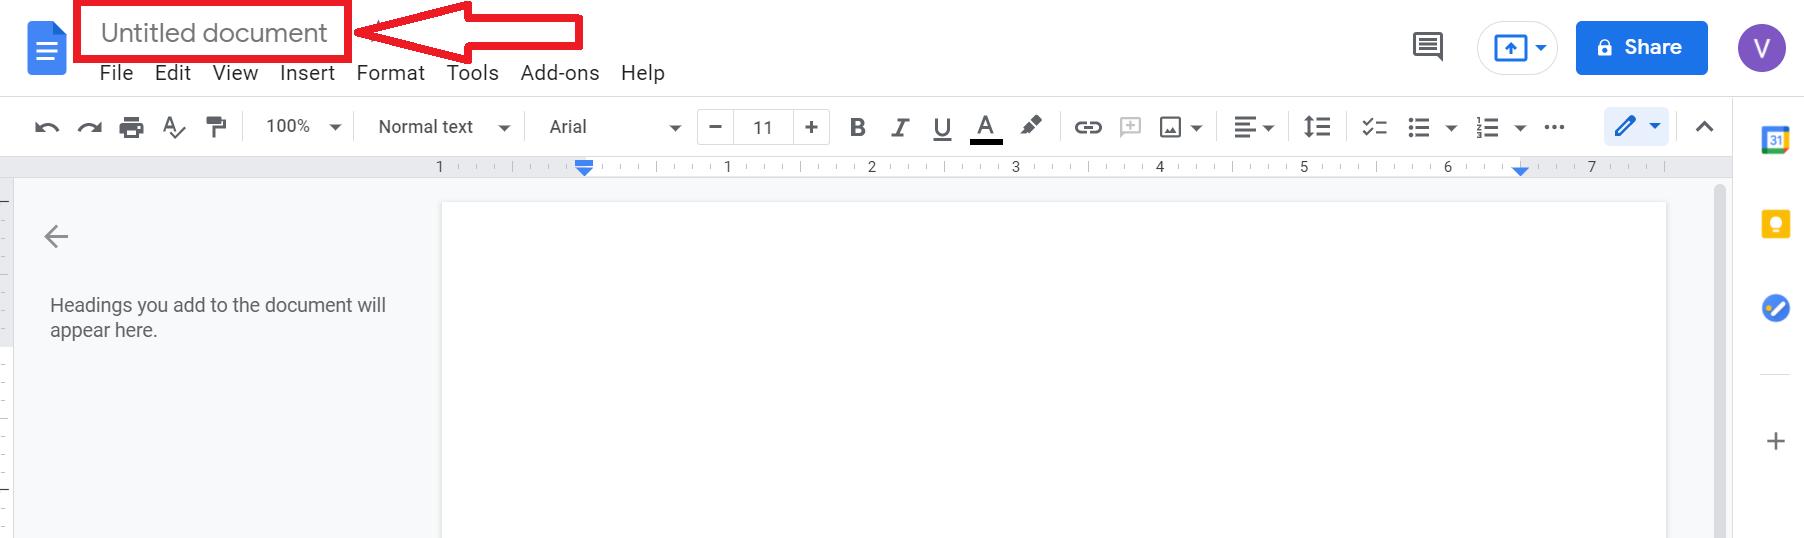 hướng dẫn cách tạo file google doc